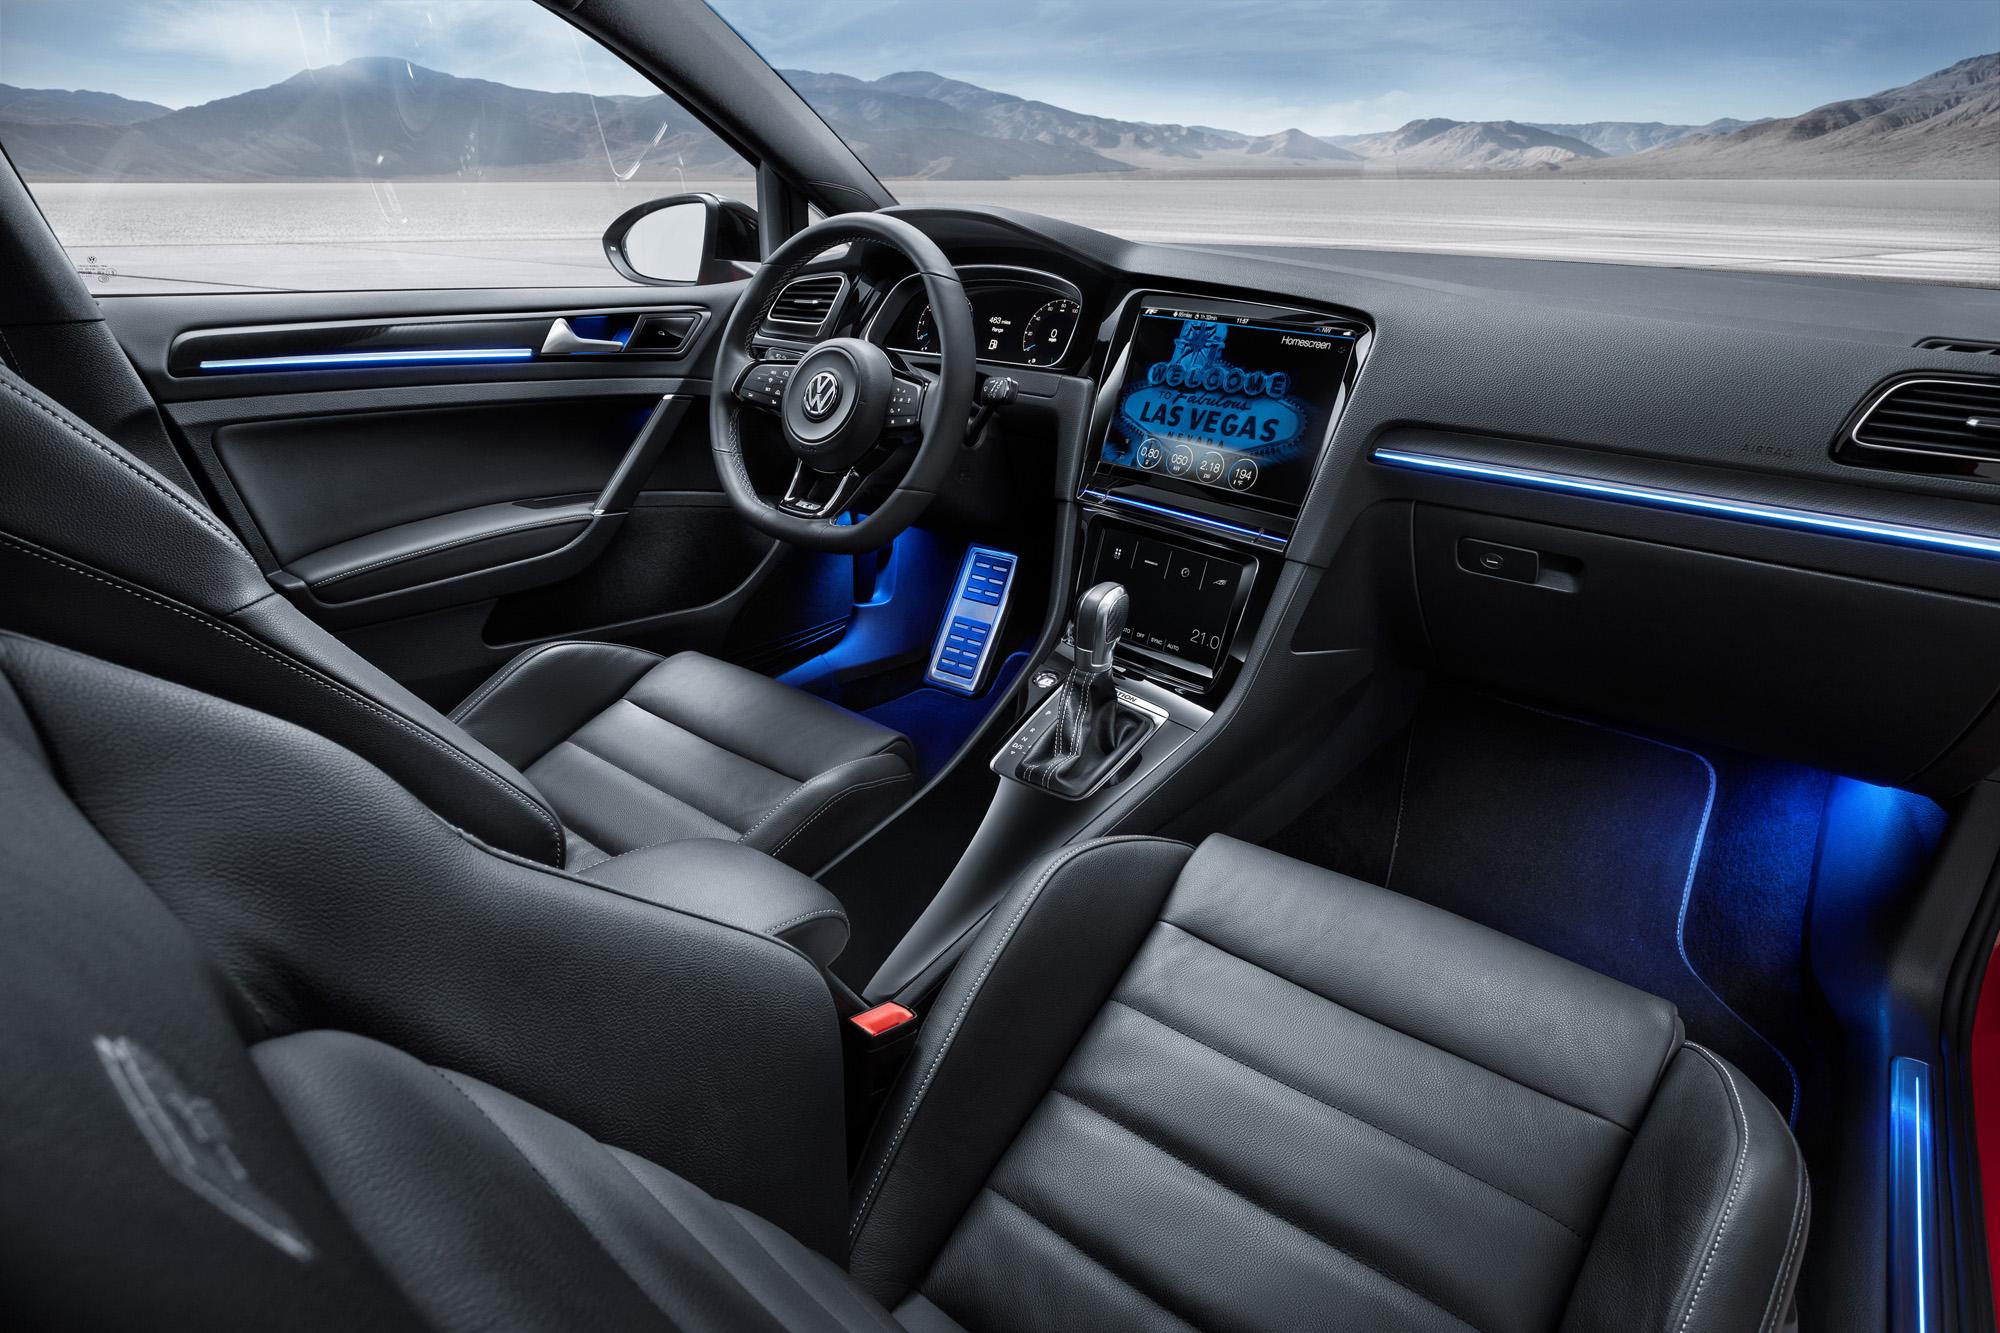 VW Golf 7 R Touch: Gestensteuerung als digitales Tuning